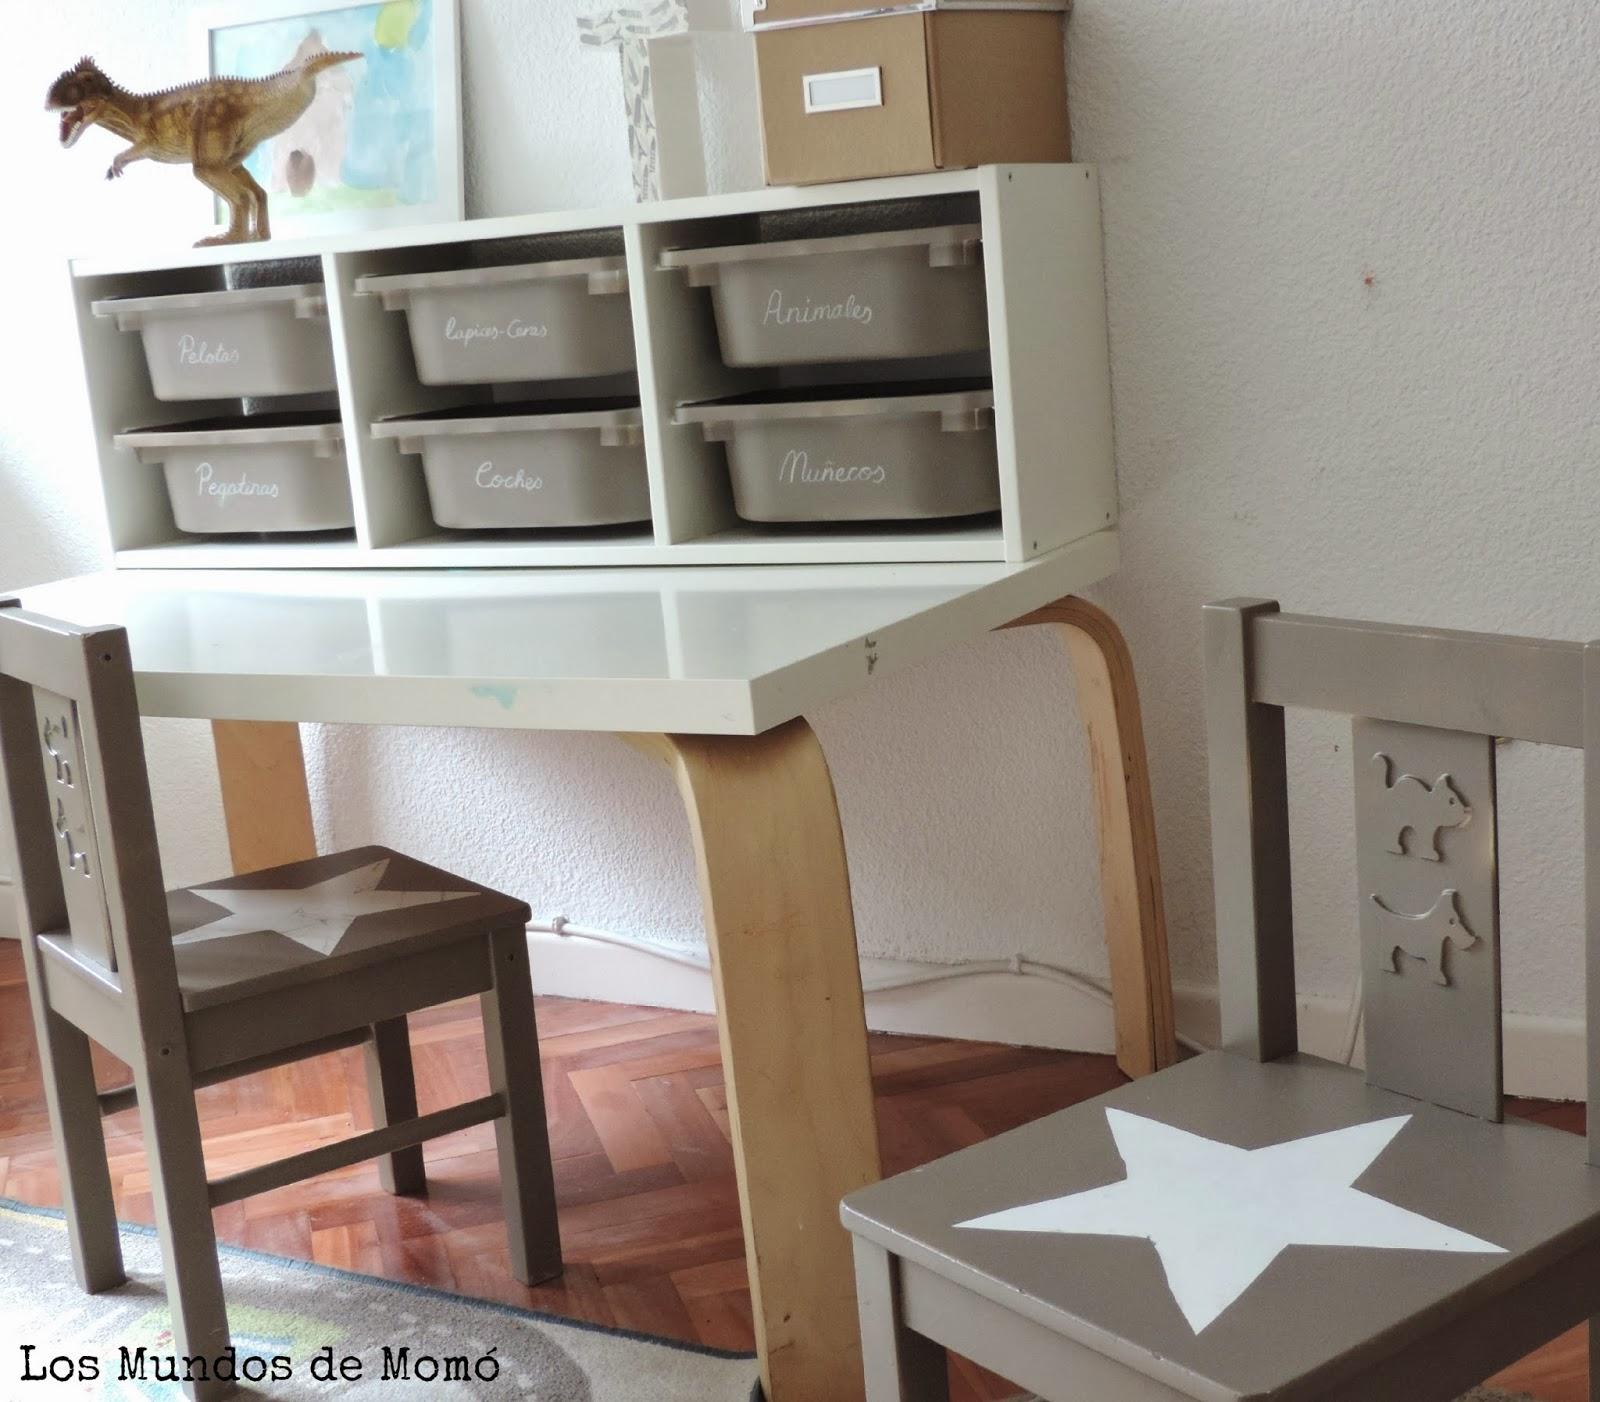 Personaliza tus muebles de IKEA  Handbox Craft Lovers  Comunidad DIY Tutoriales DIY Kits DIY